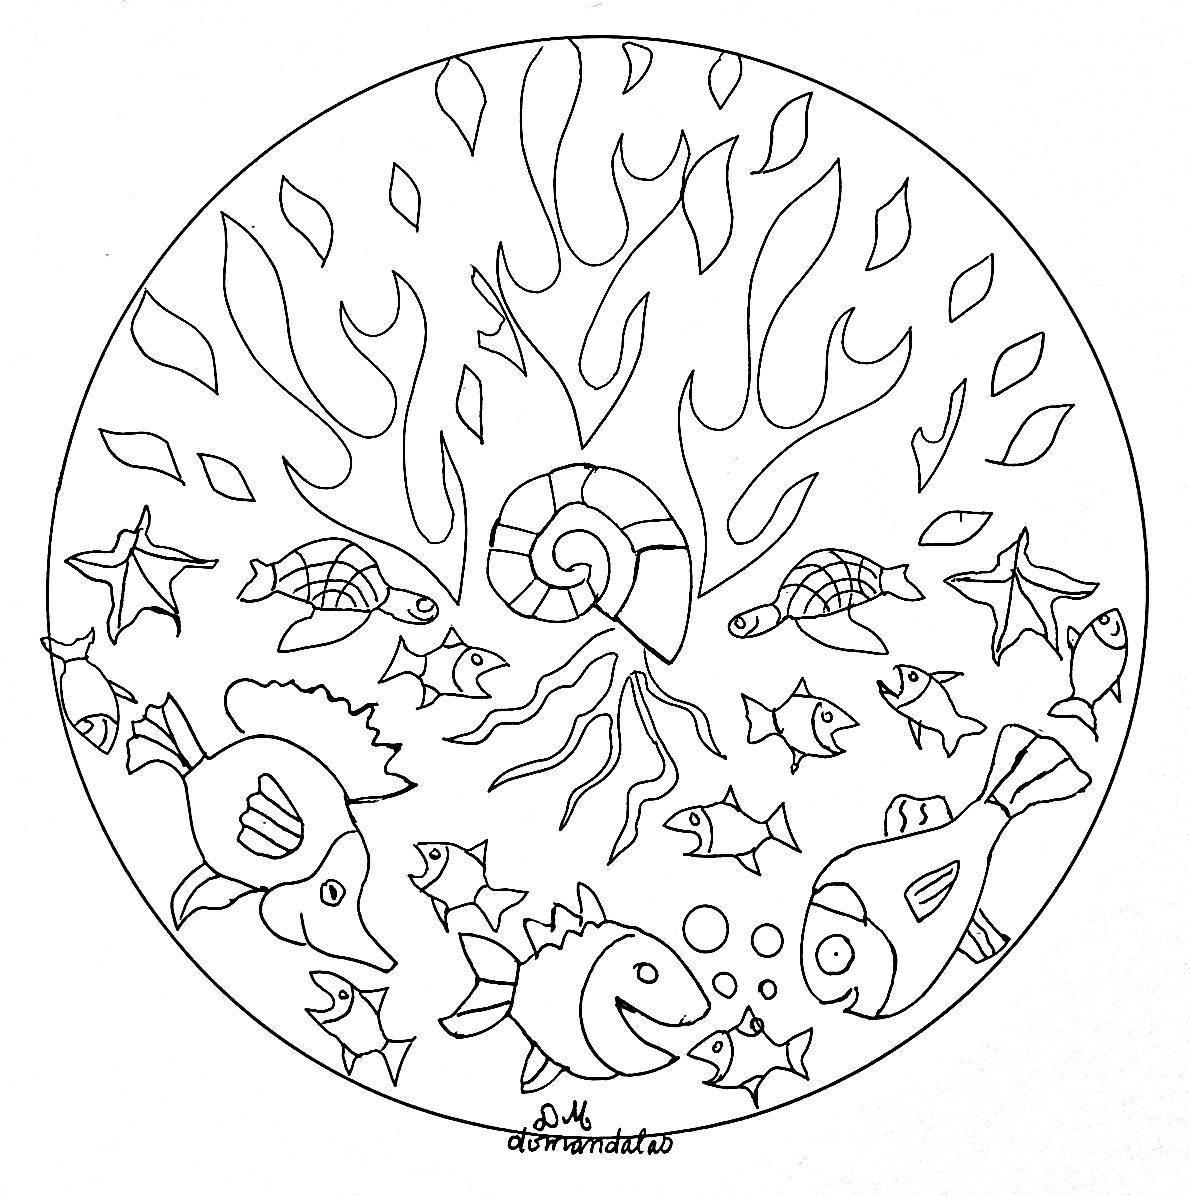 Disegni da colorare per adulti : Mandalas - 192